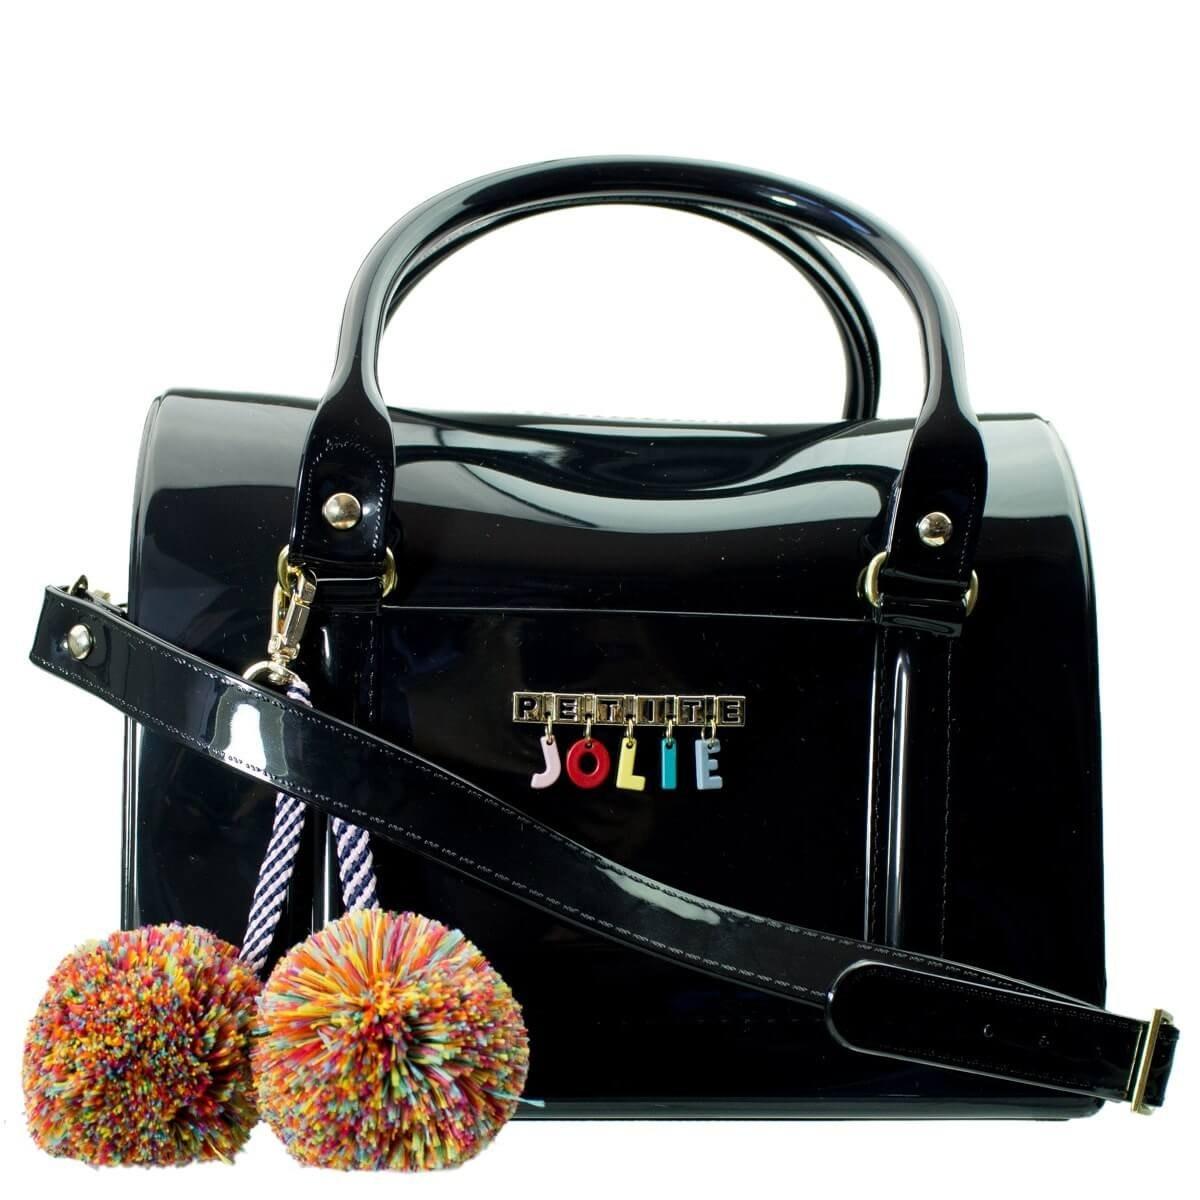 901605258 Bolsa Feminina Petite Jolie Pj3020 Pvc J-lastic - R$ 189,90 em ...